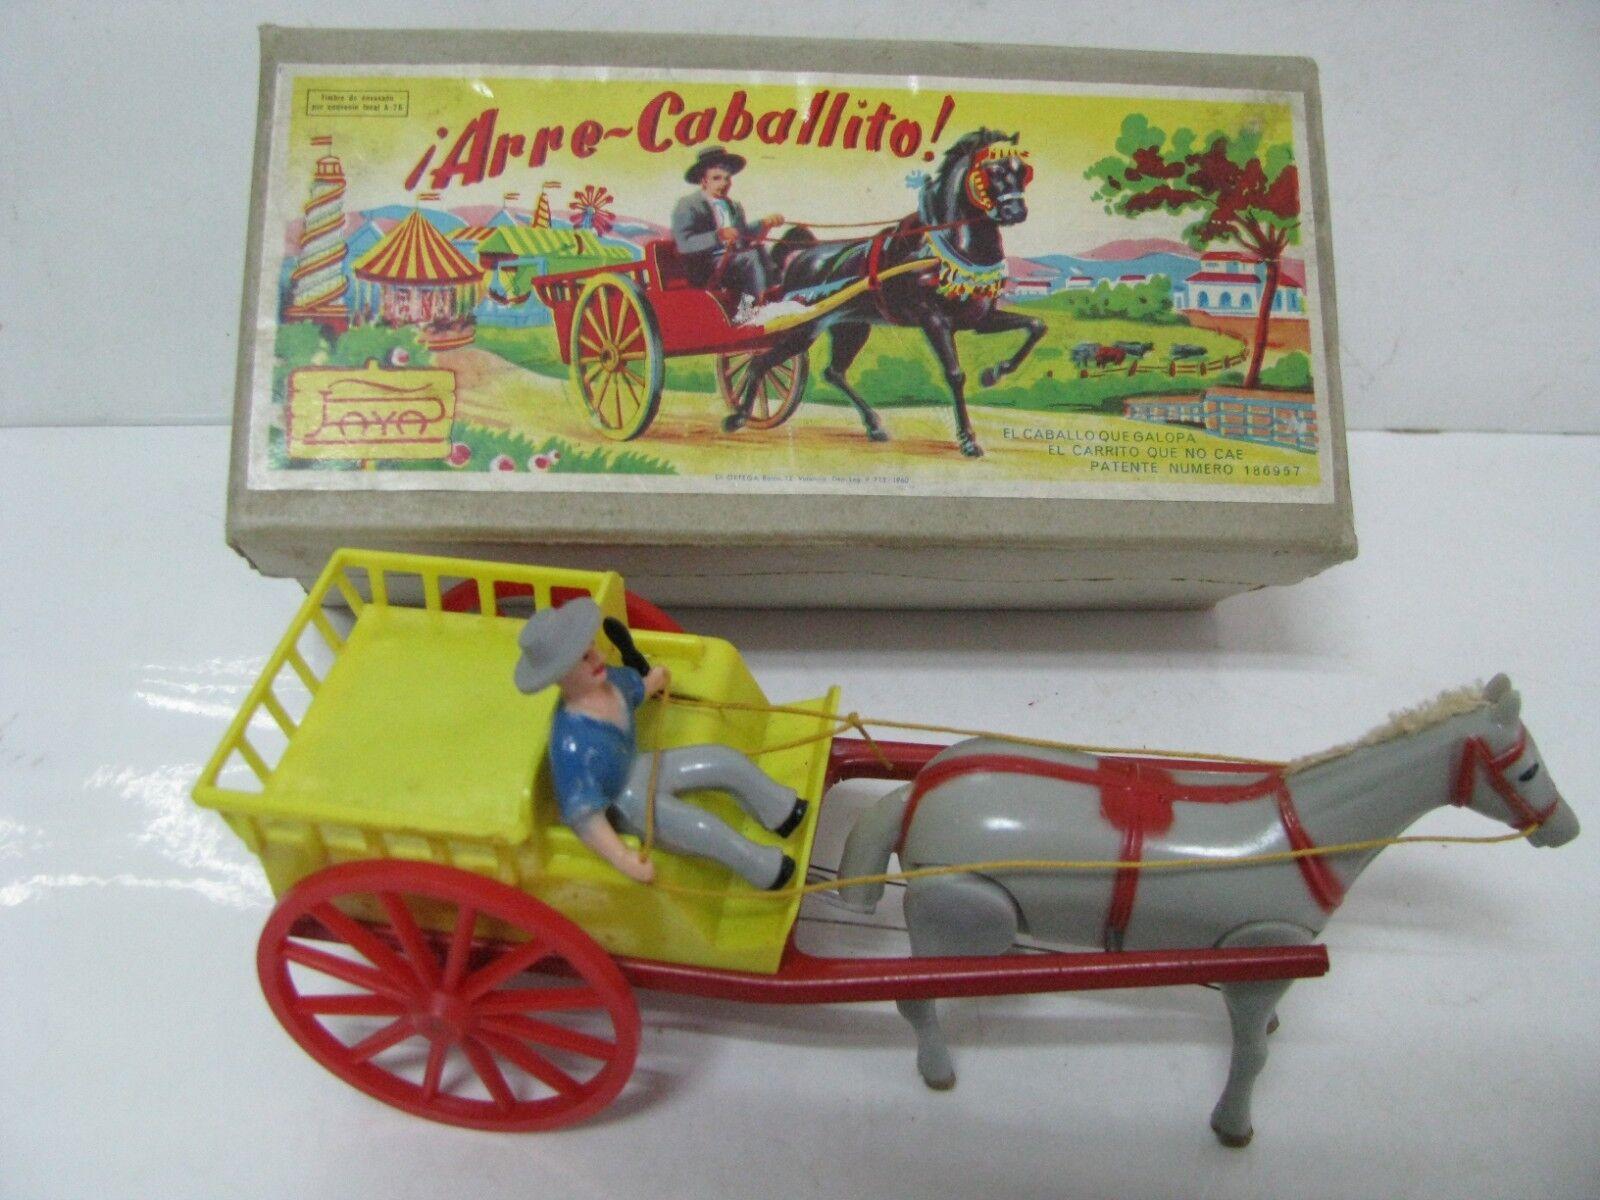 Antiguo juguete ARRE CABALLITO con cuerda en su caja original,fabricado por PAYA